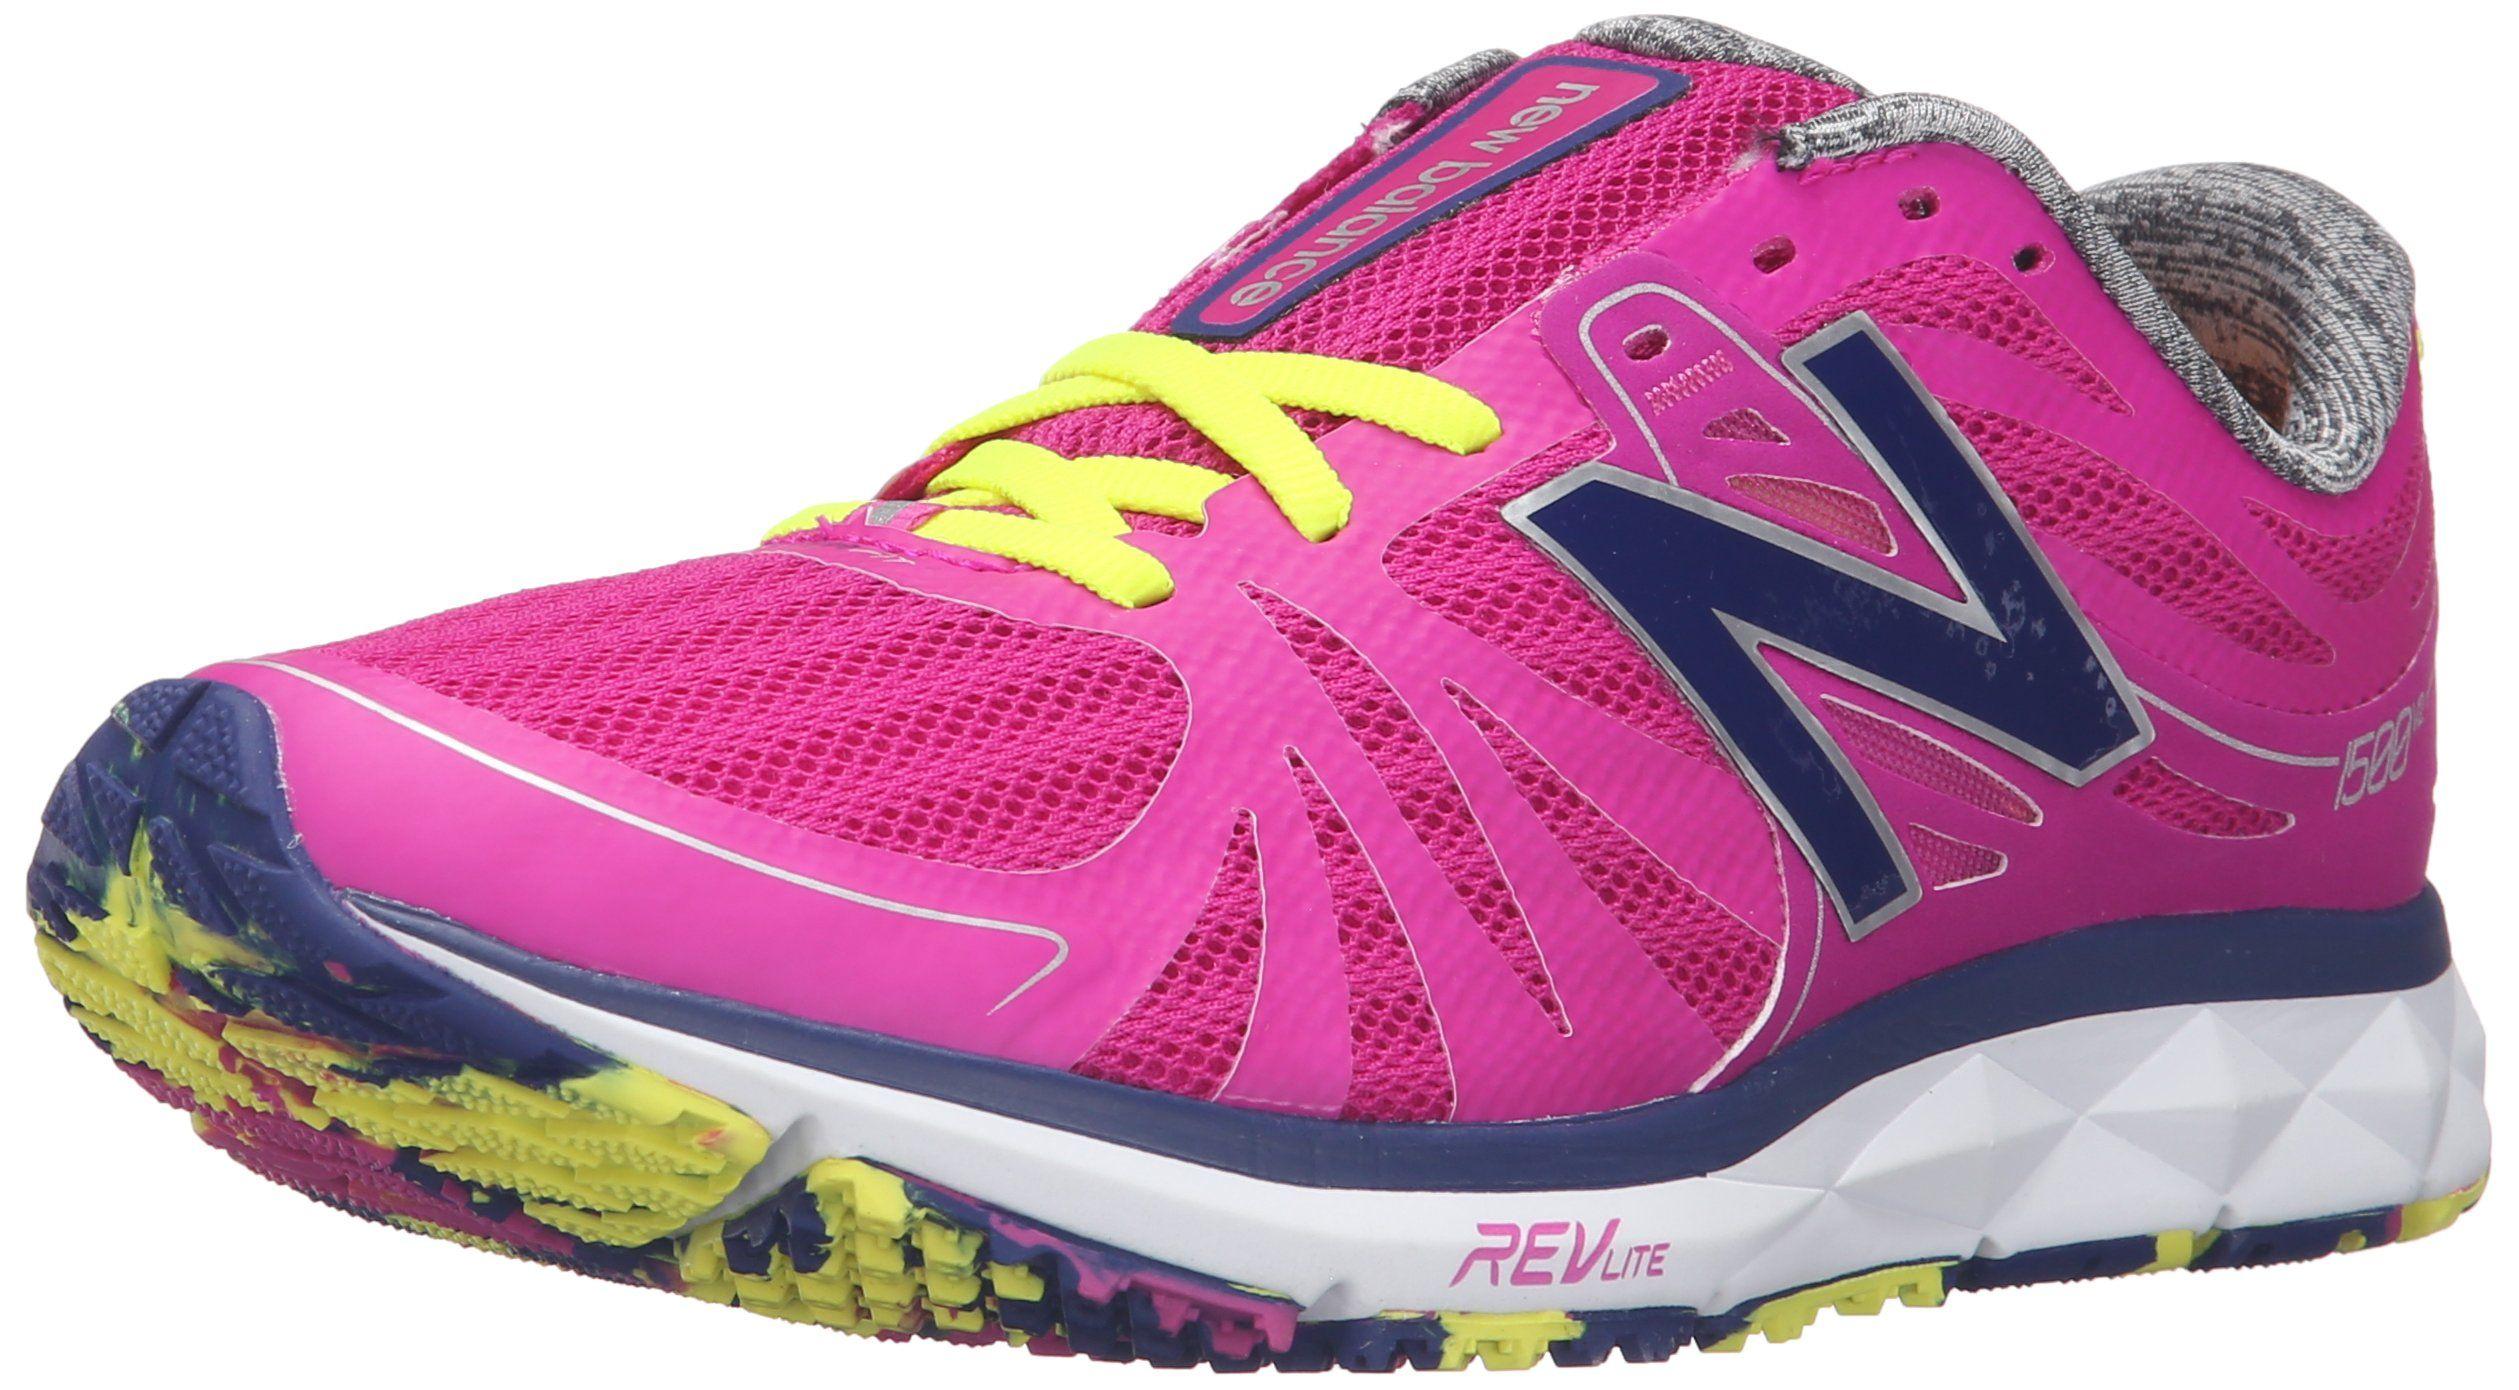 New Balance Women's W1500v2 Running Shoe, PinkWhite, 10 D